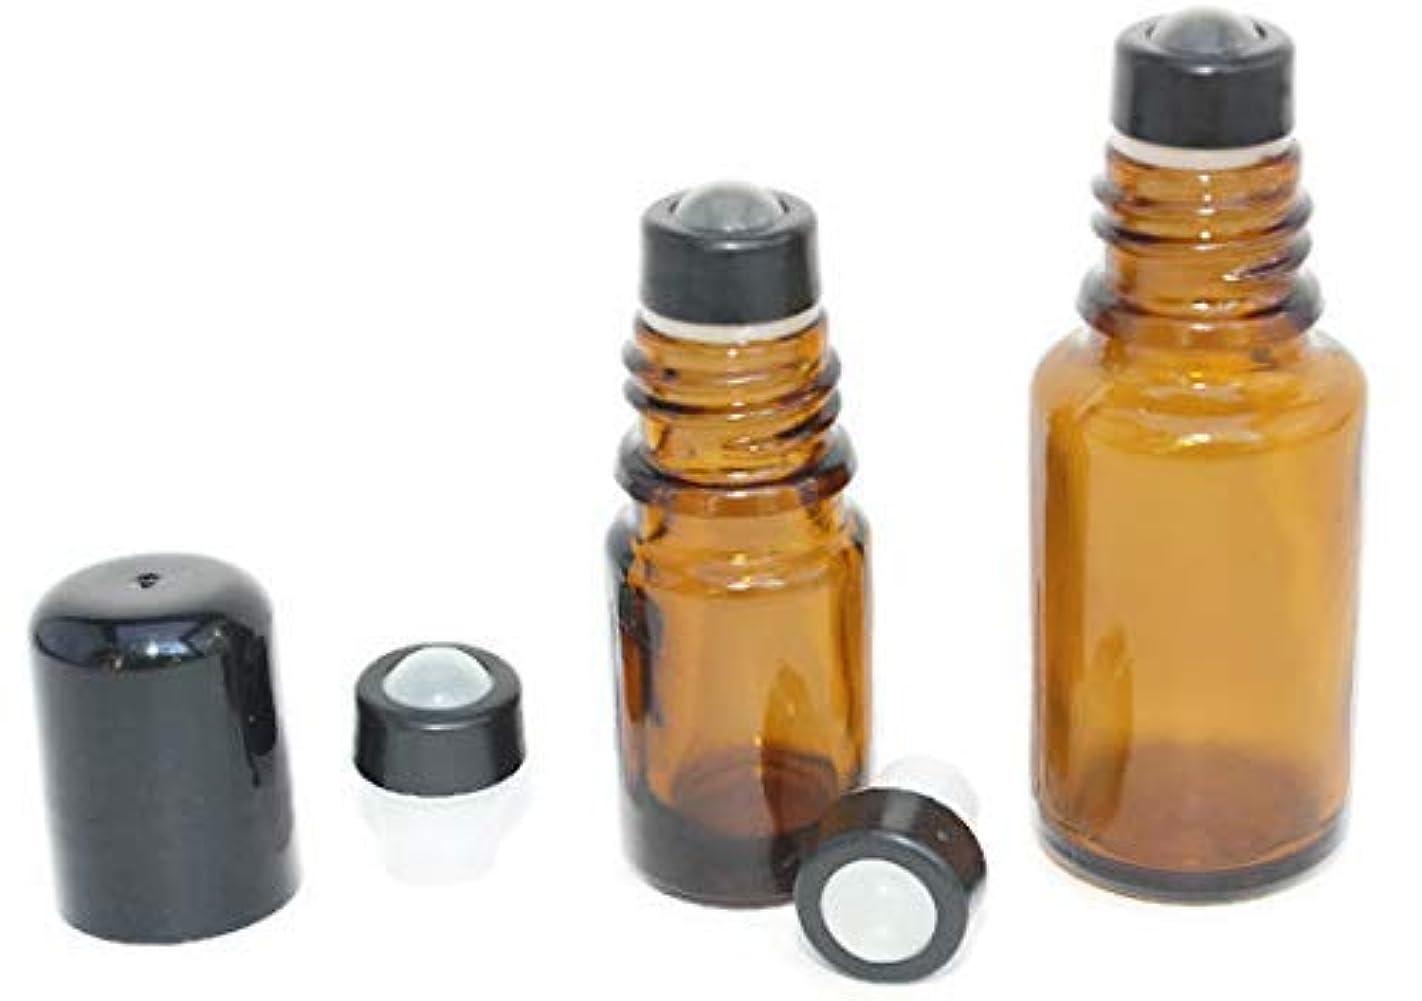 前任者トレイ交差点Essential Oil Roller Inserts for 5 and 15ml Essential Oil Bottles. Pack of 12 GLASS Leak Proof with removable...